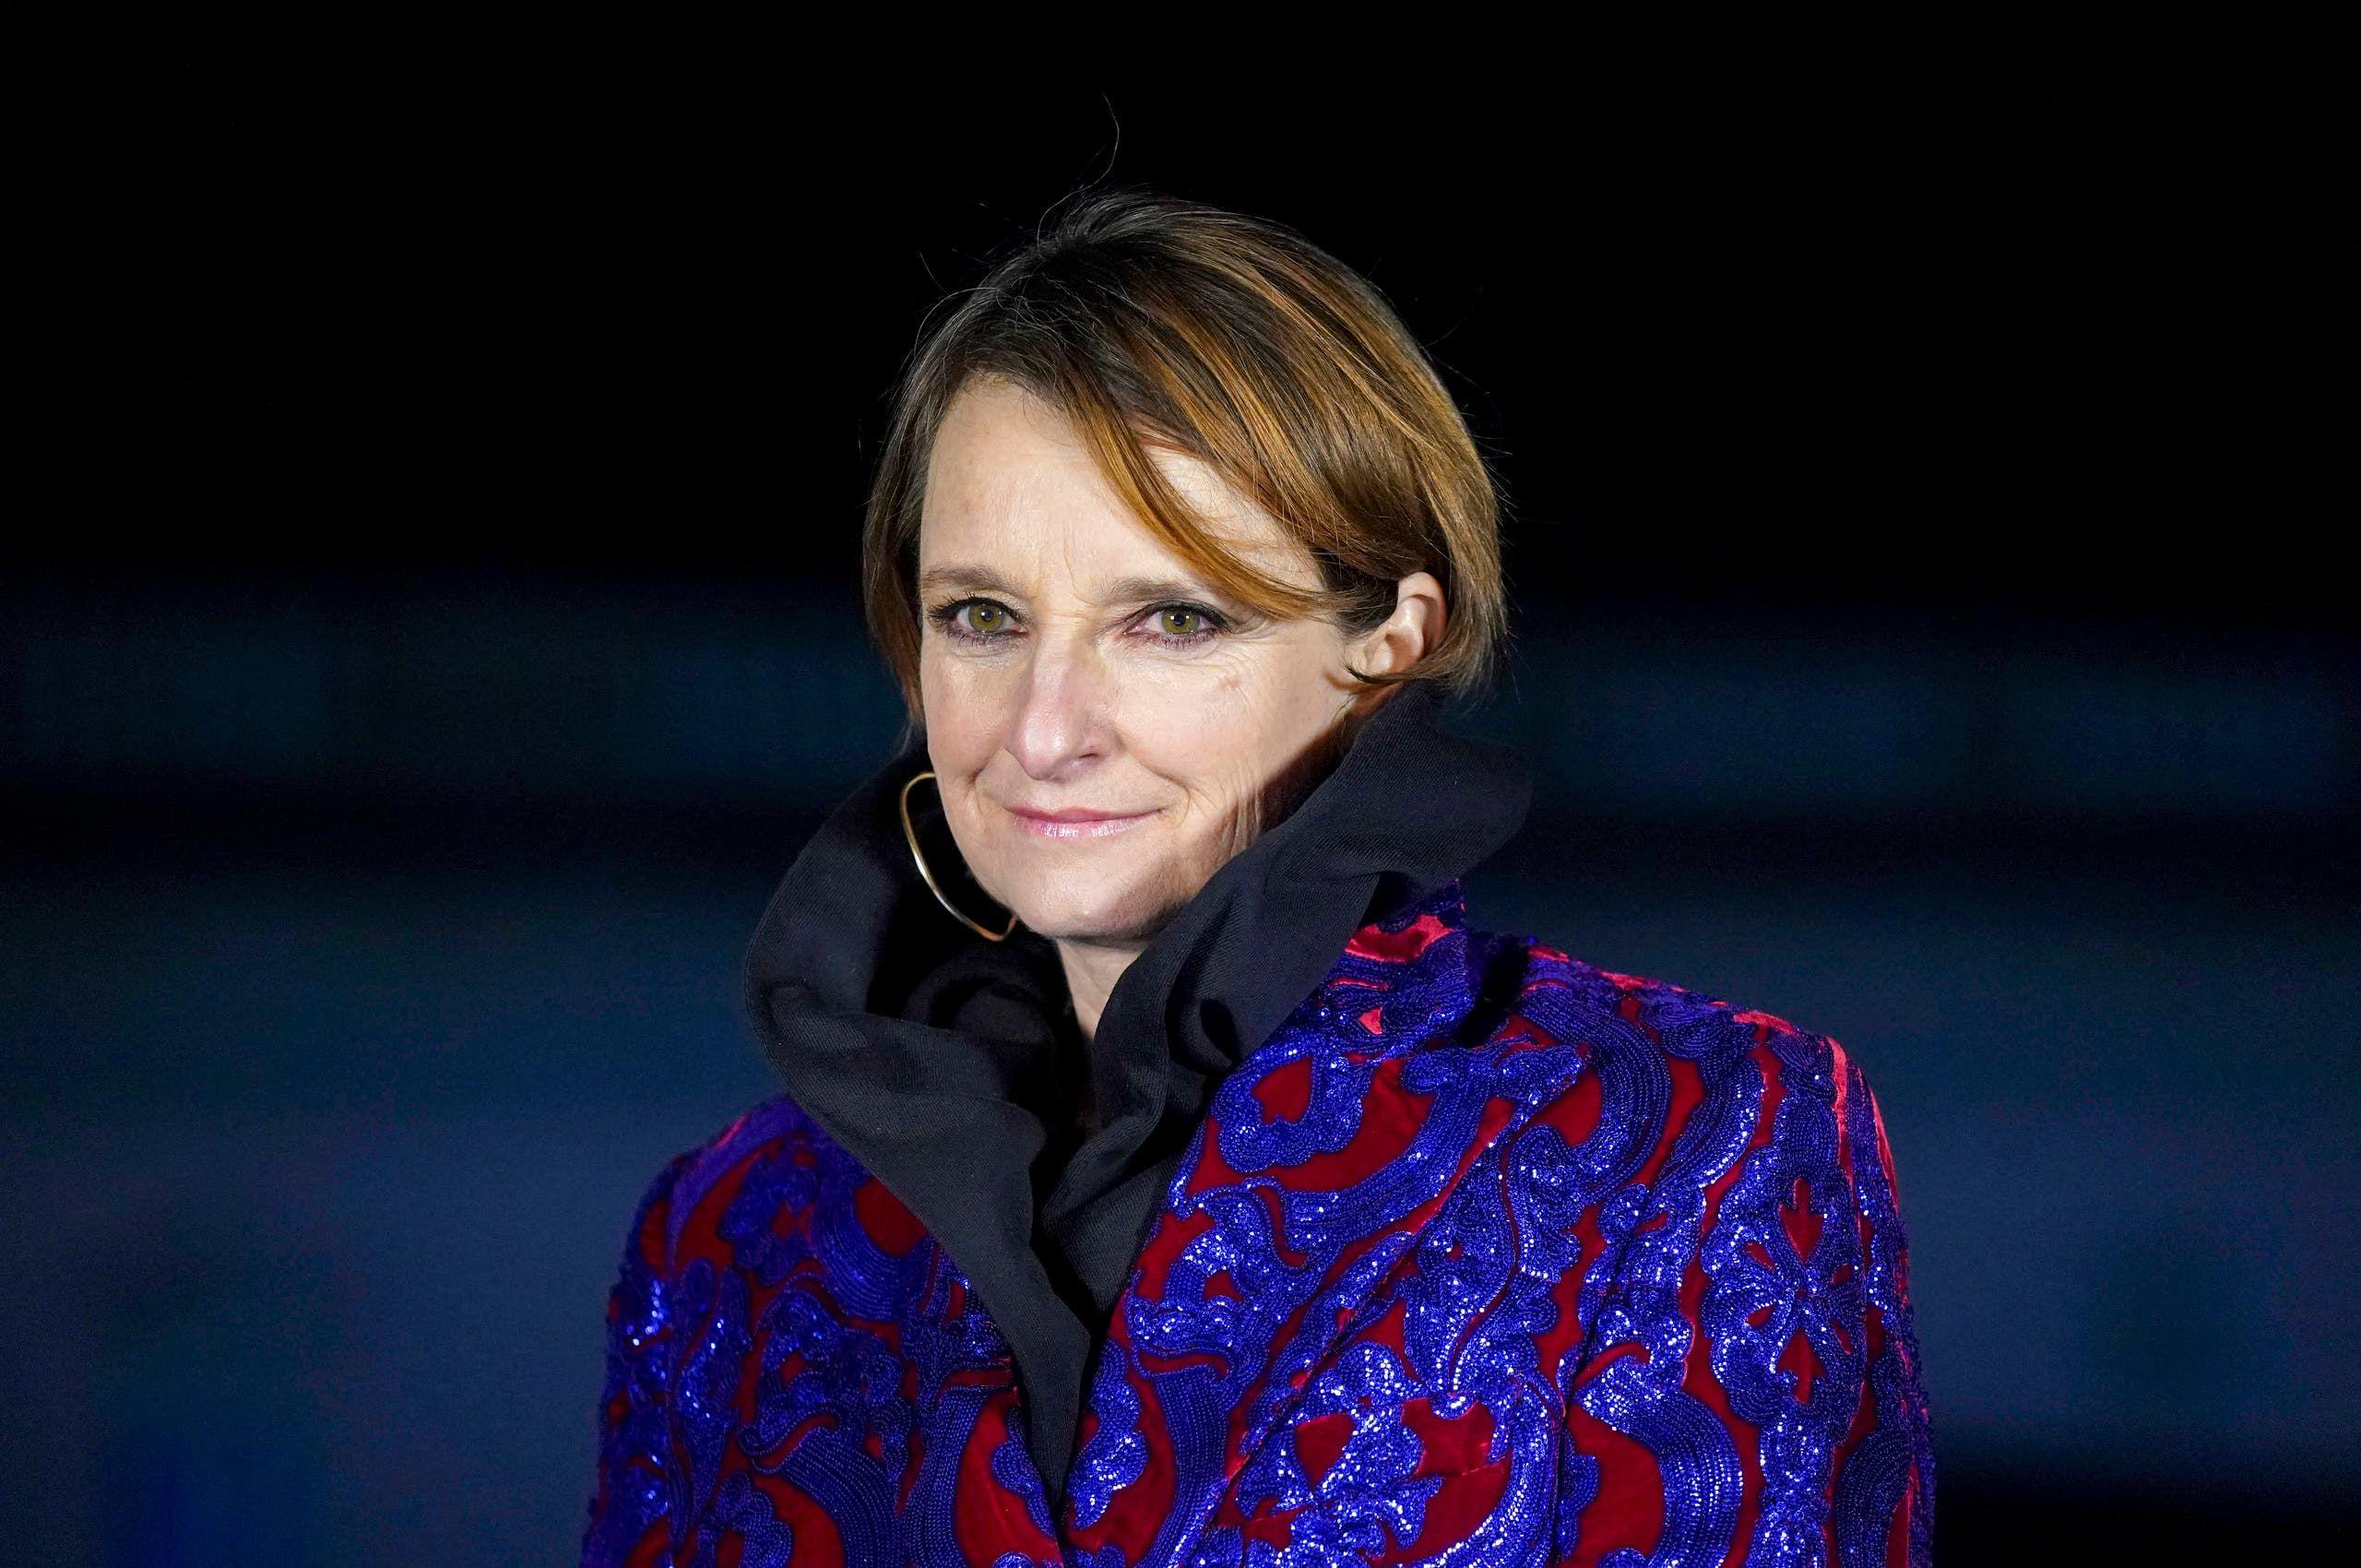 حضرت بينا دايجلر عرض حفل توزيع جوائز الأوسكار (فرانس برس)